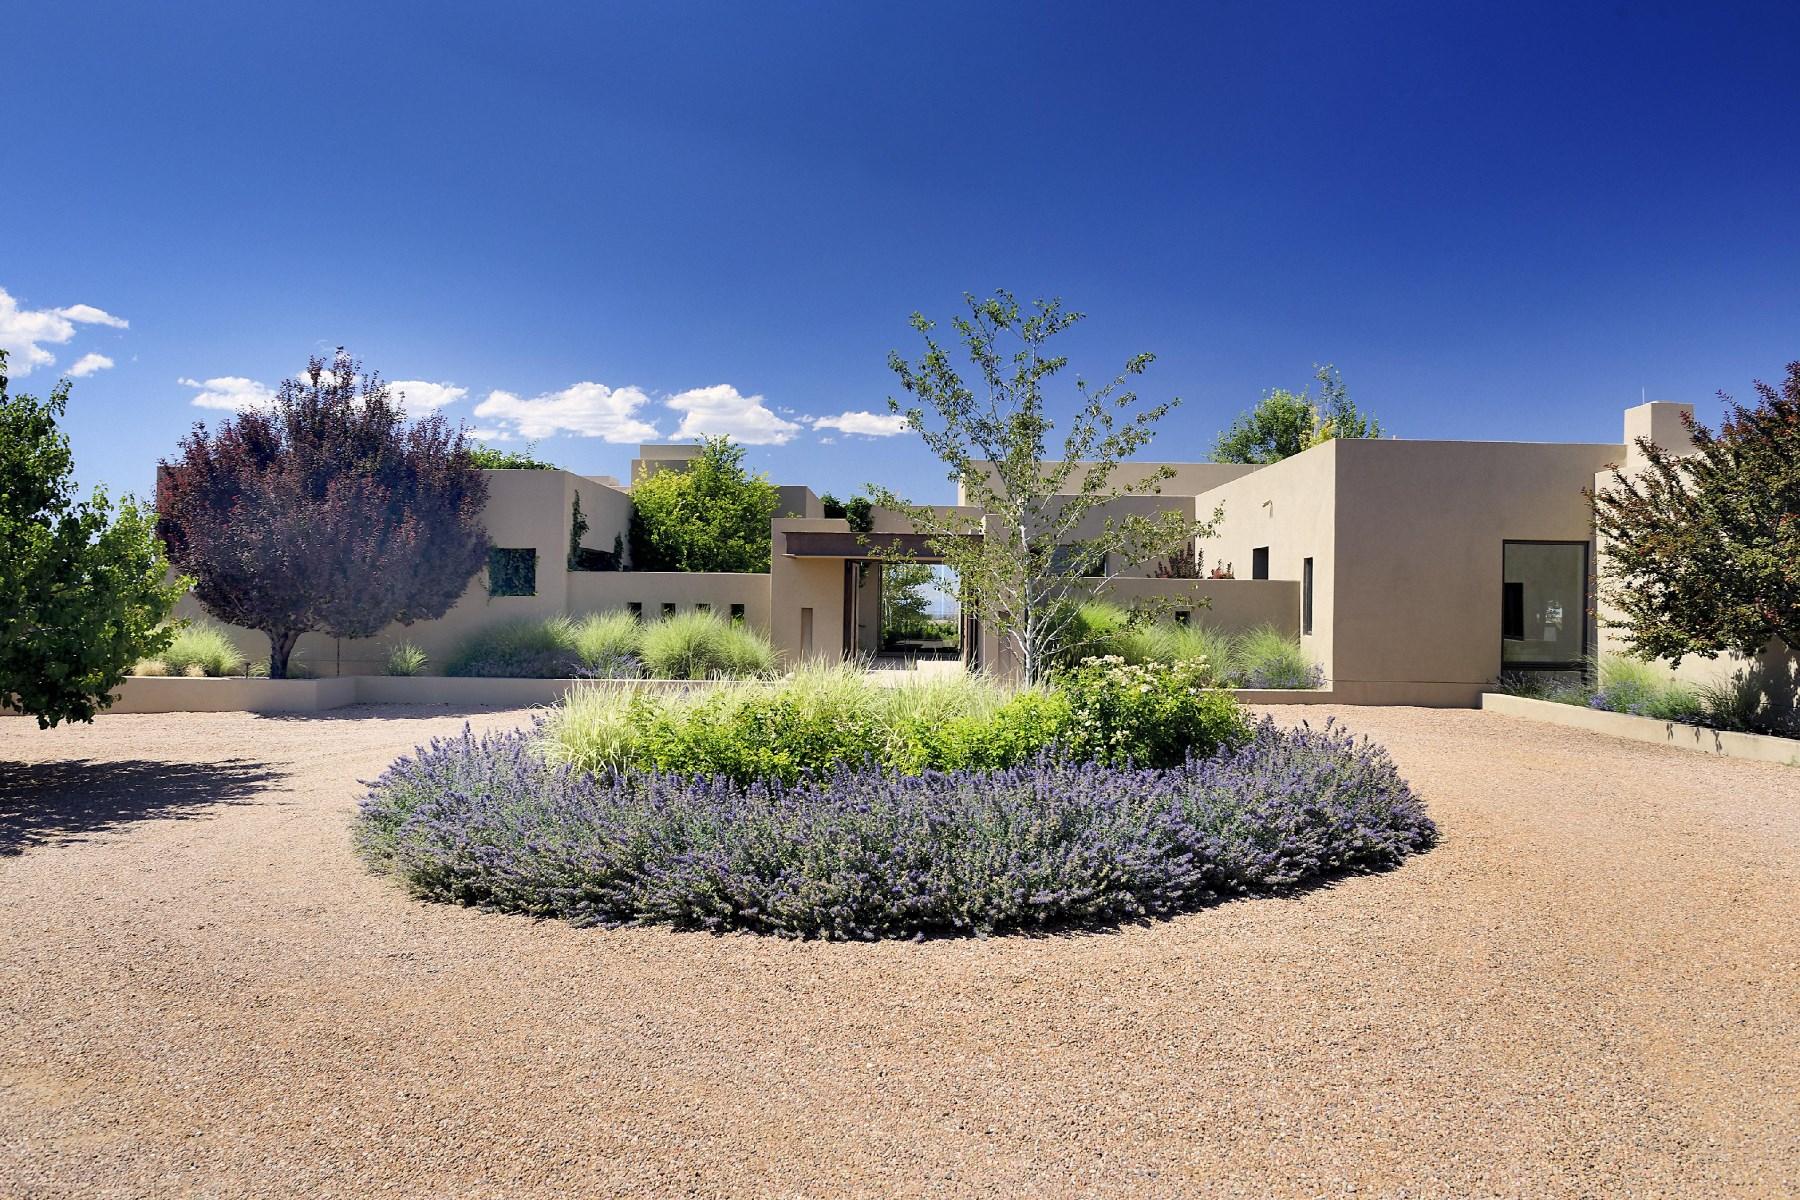 Casa Unifamiliar por un Venta en 3 Indian Pony Santa Fe, Nuevo Mexico, 87506 Estados Unidos